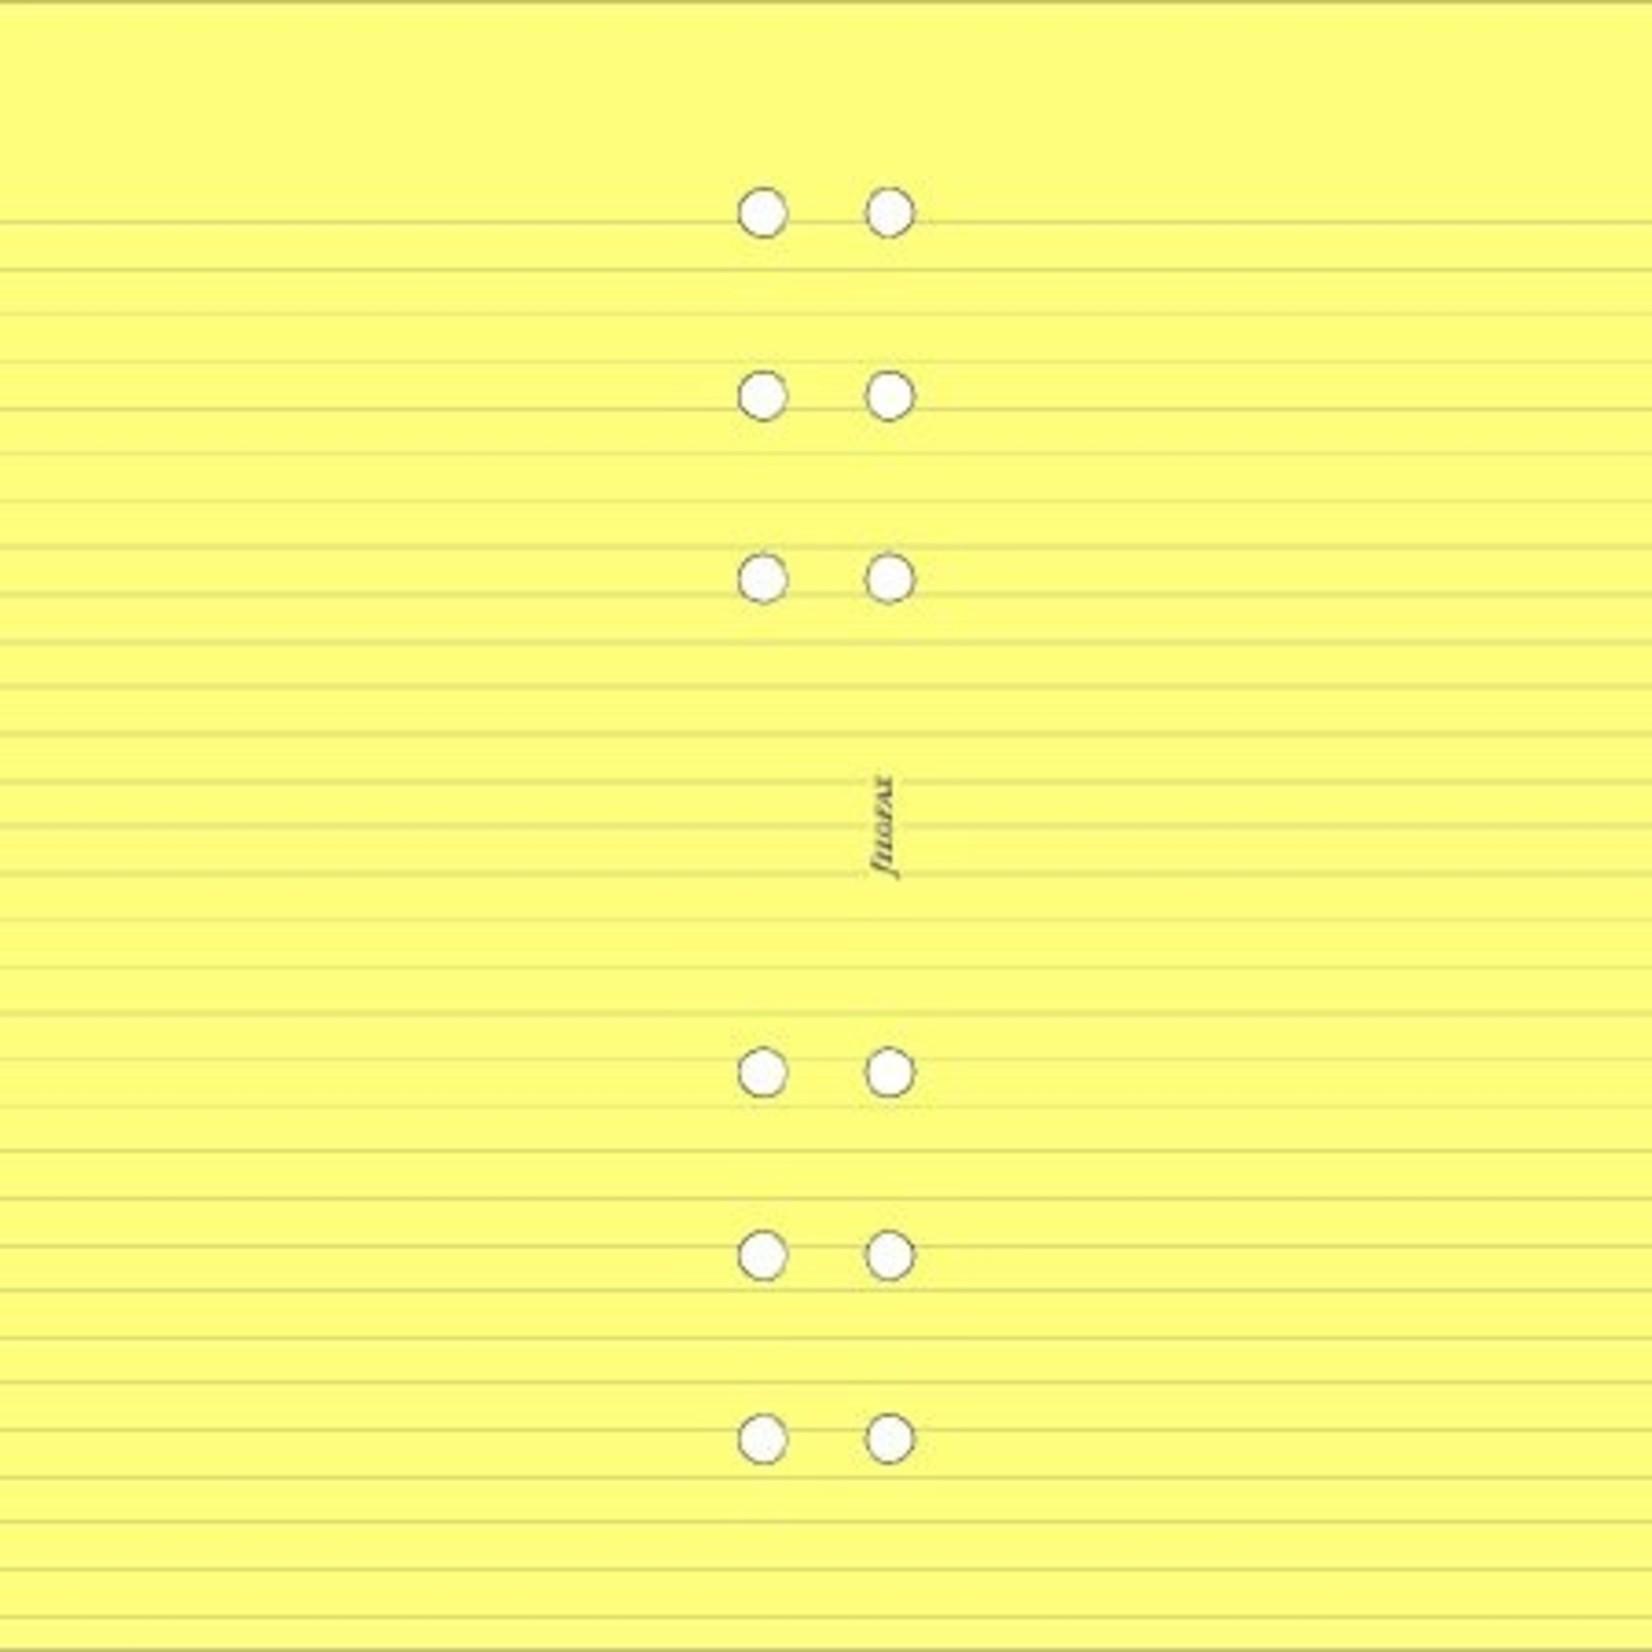 Filofax Filofax Einlage Pocket, Papier liniert, gelb